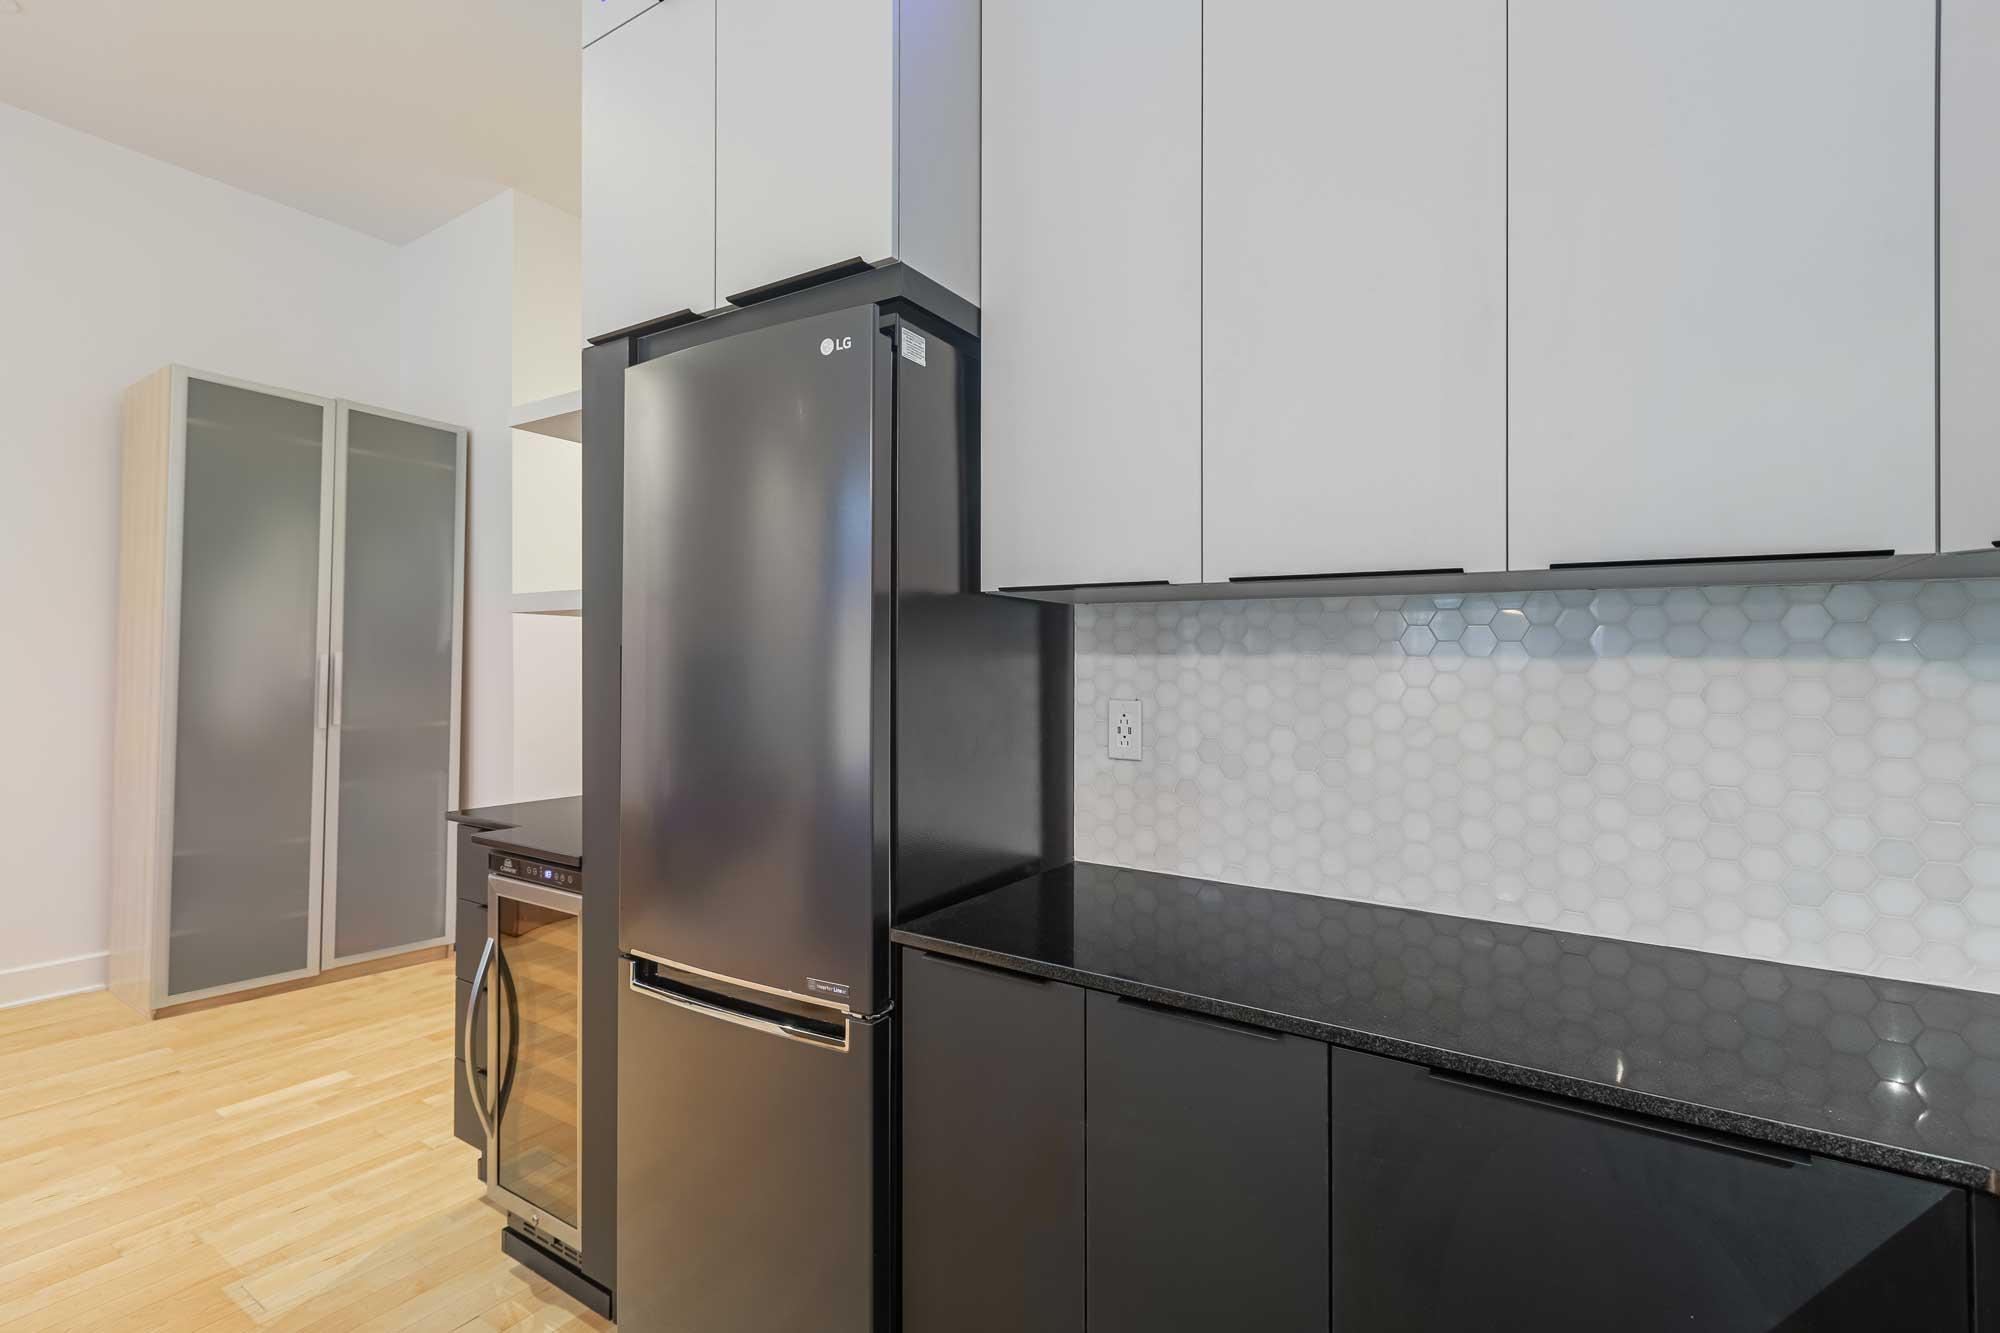 comptoir de cuisine noir avec réfrigérateur gris foncé, cellier et armoires blanches